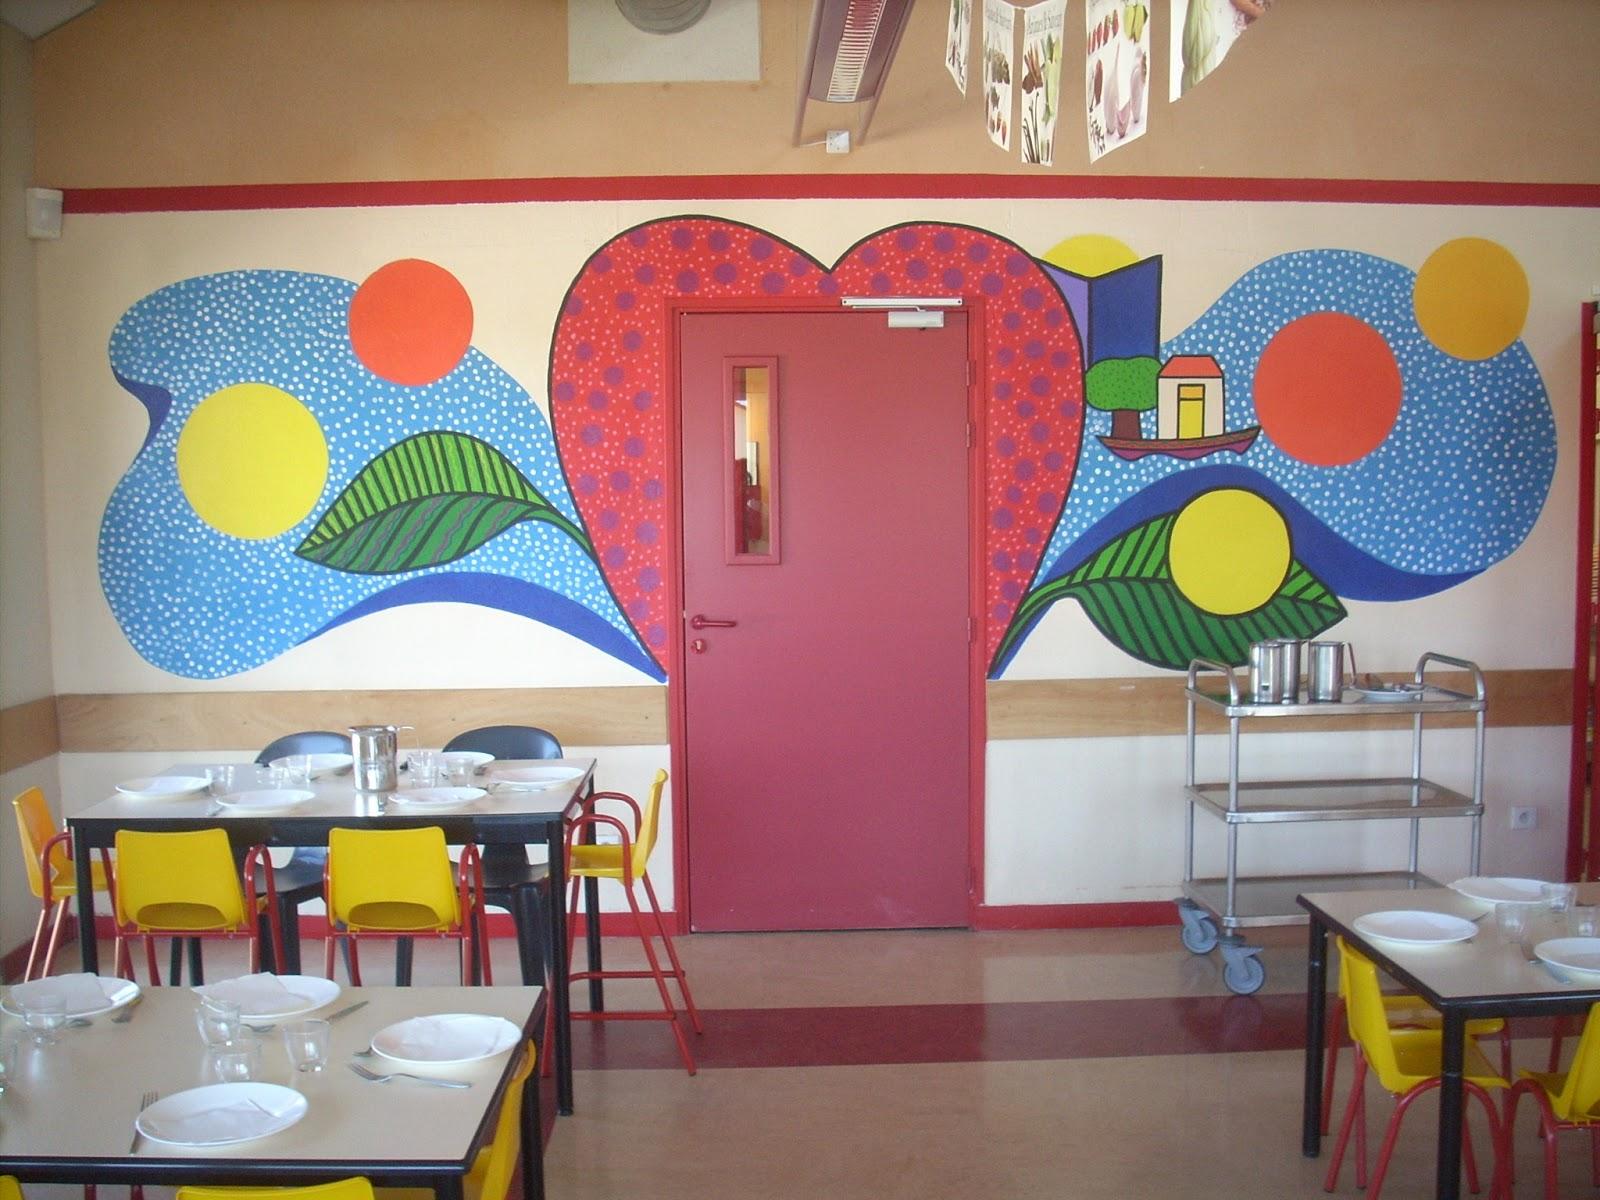 Blog du peintre francisco rivero le passage par la buisse for Nouvelle peinture murale